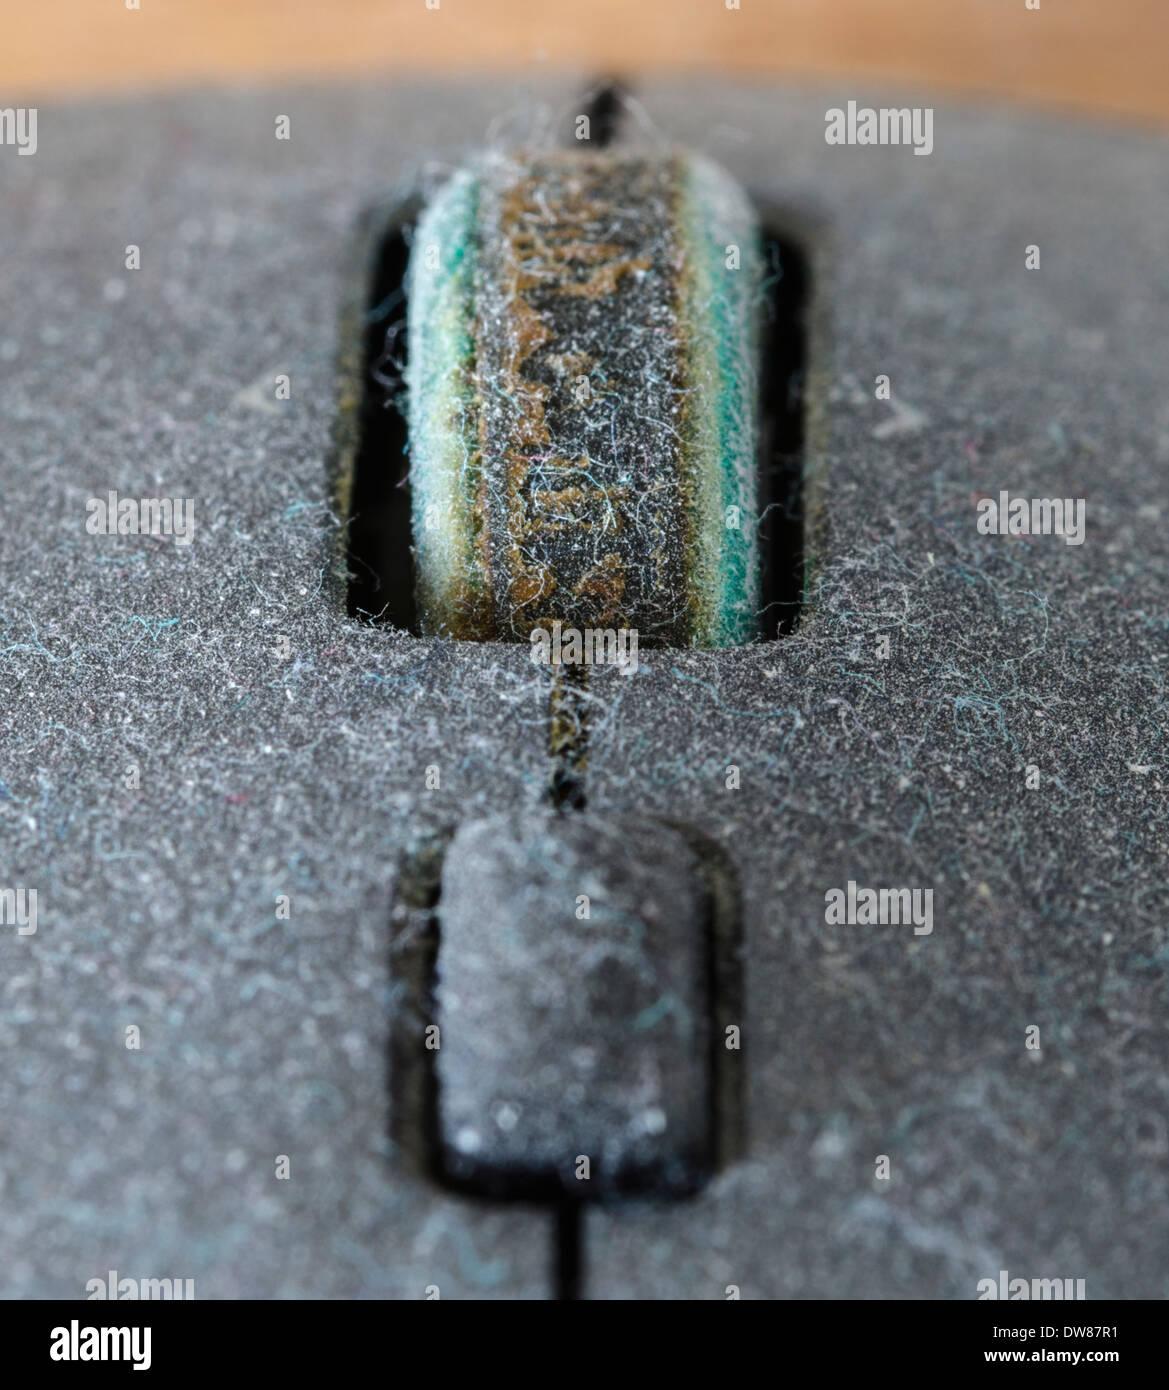 Staub. Oberseite einer Computermaus mit Staub bedeckt. Stockbild